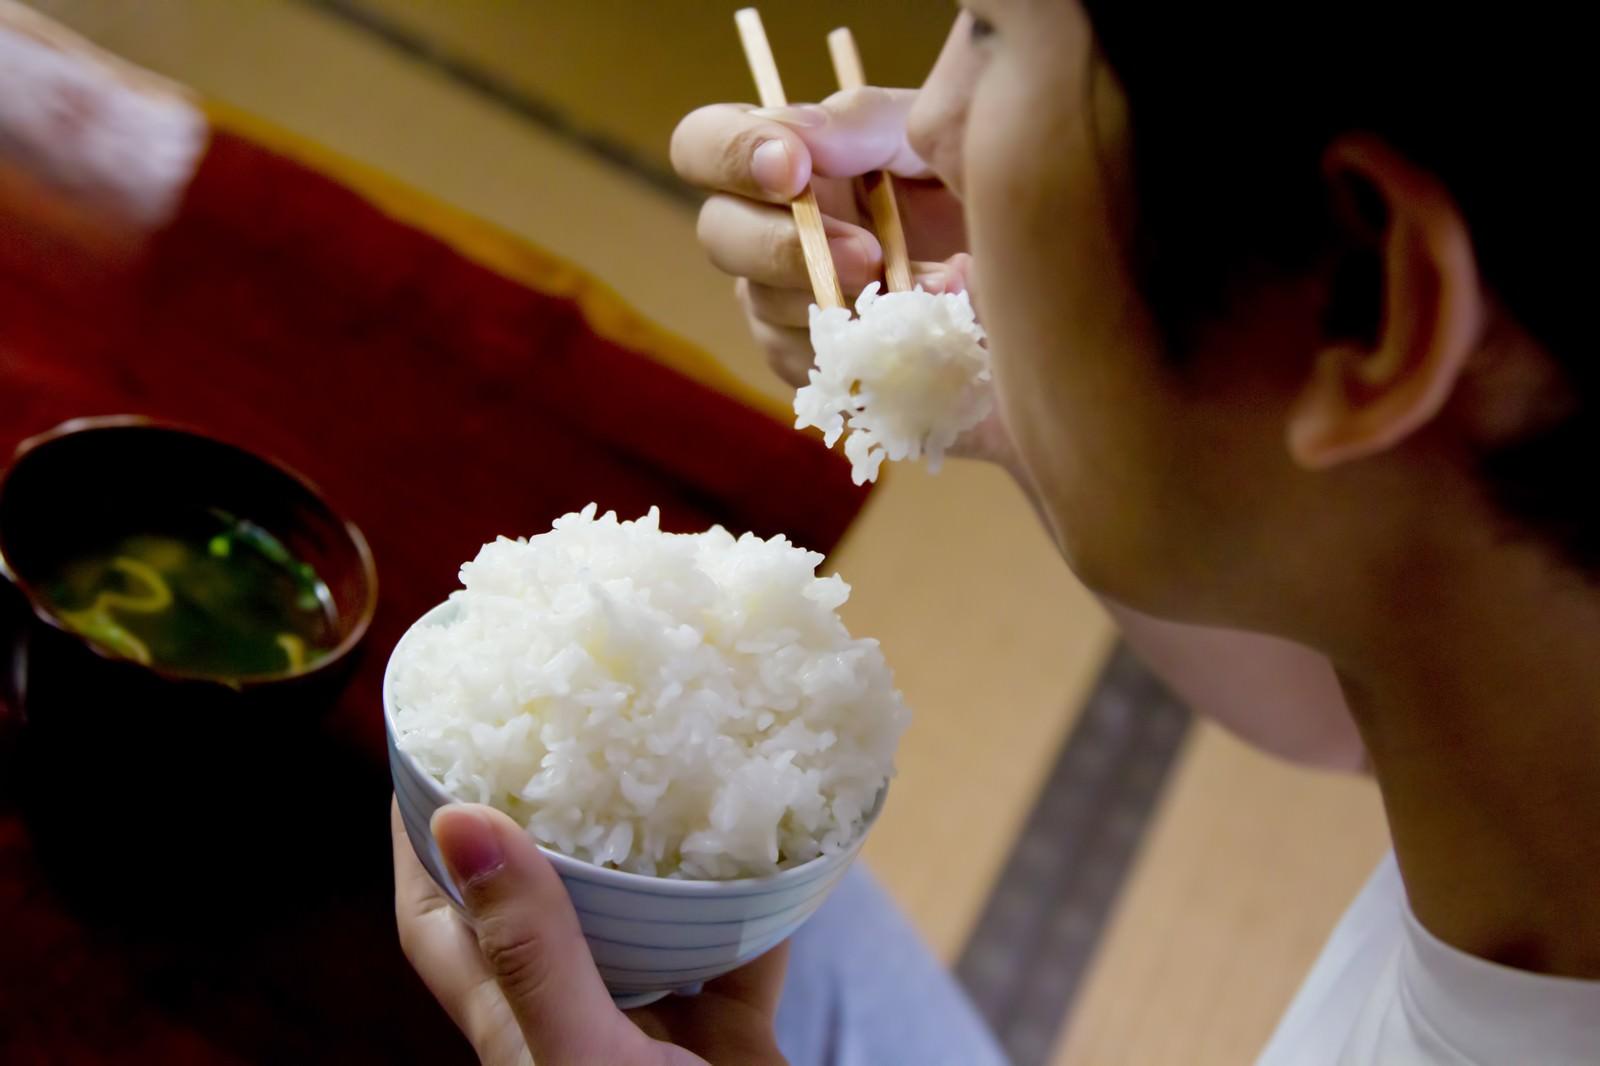 大川さんが白米を食べる